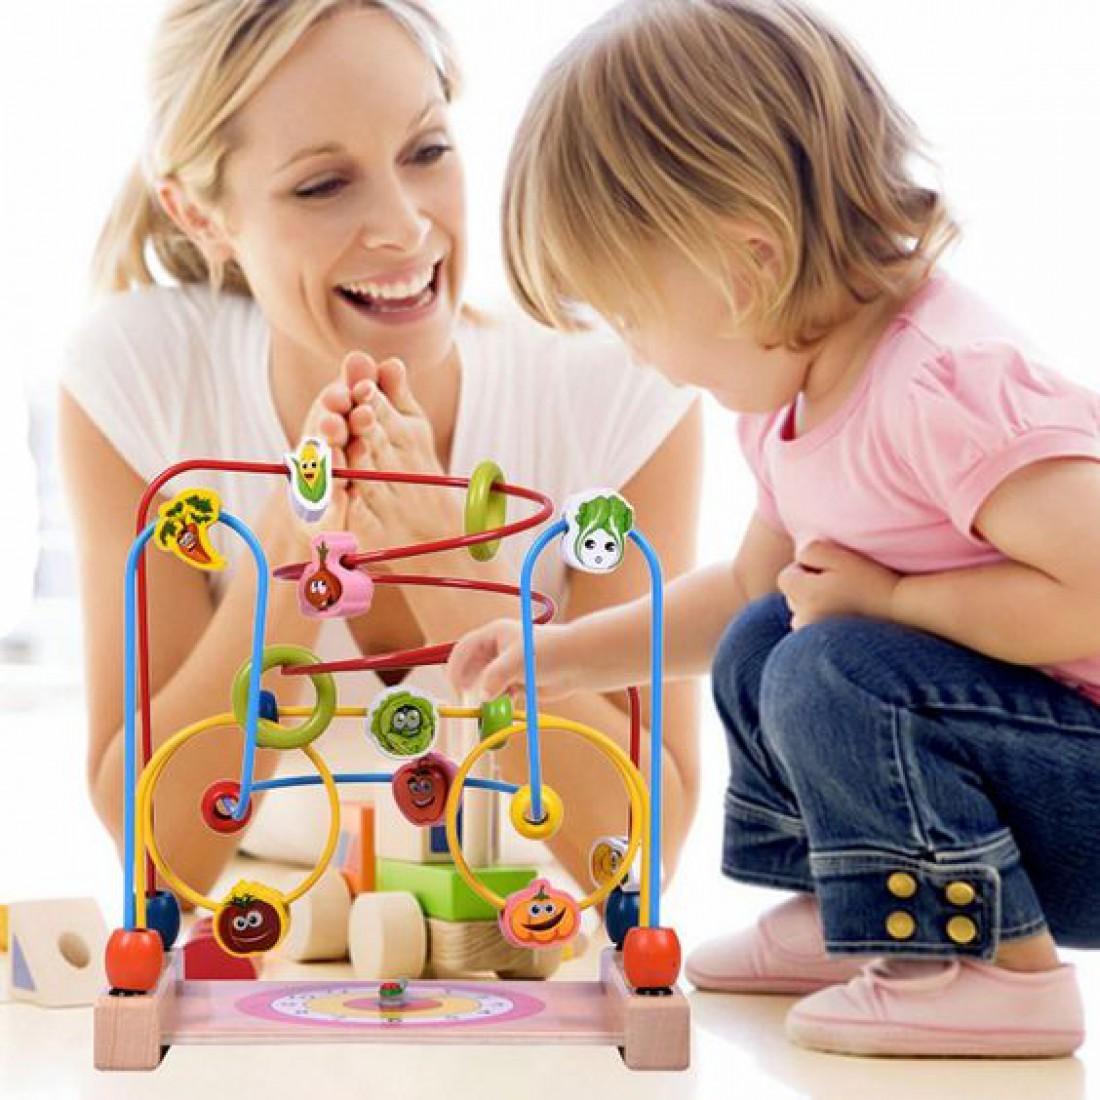 Ранее развитие: Зачем нужны и как выбрать сенсорные игрушки для малыша